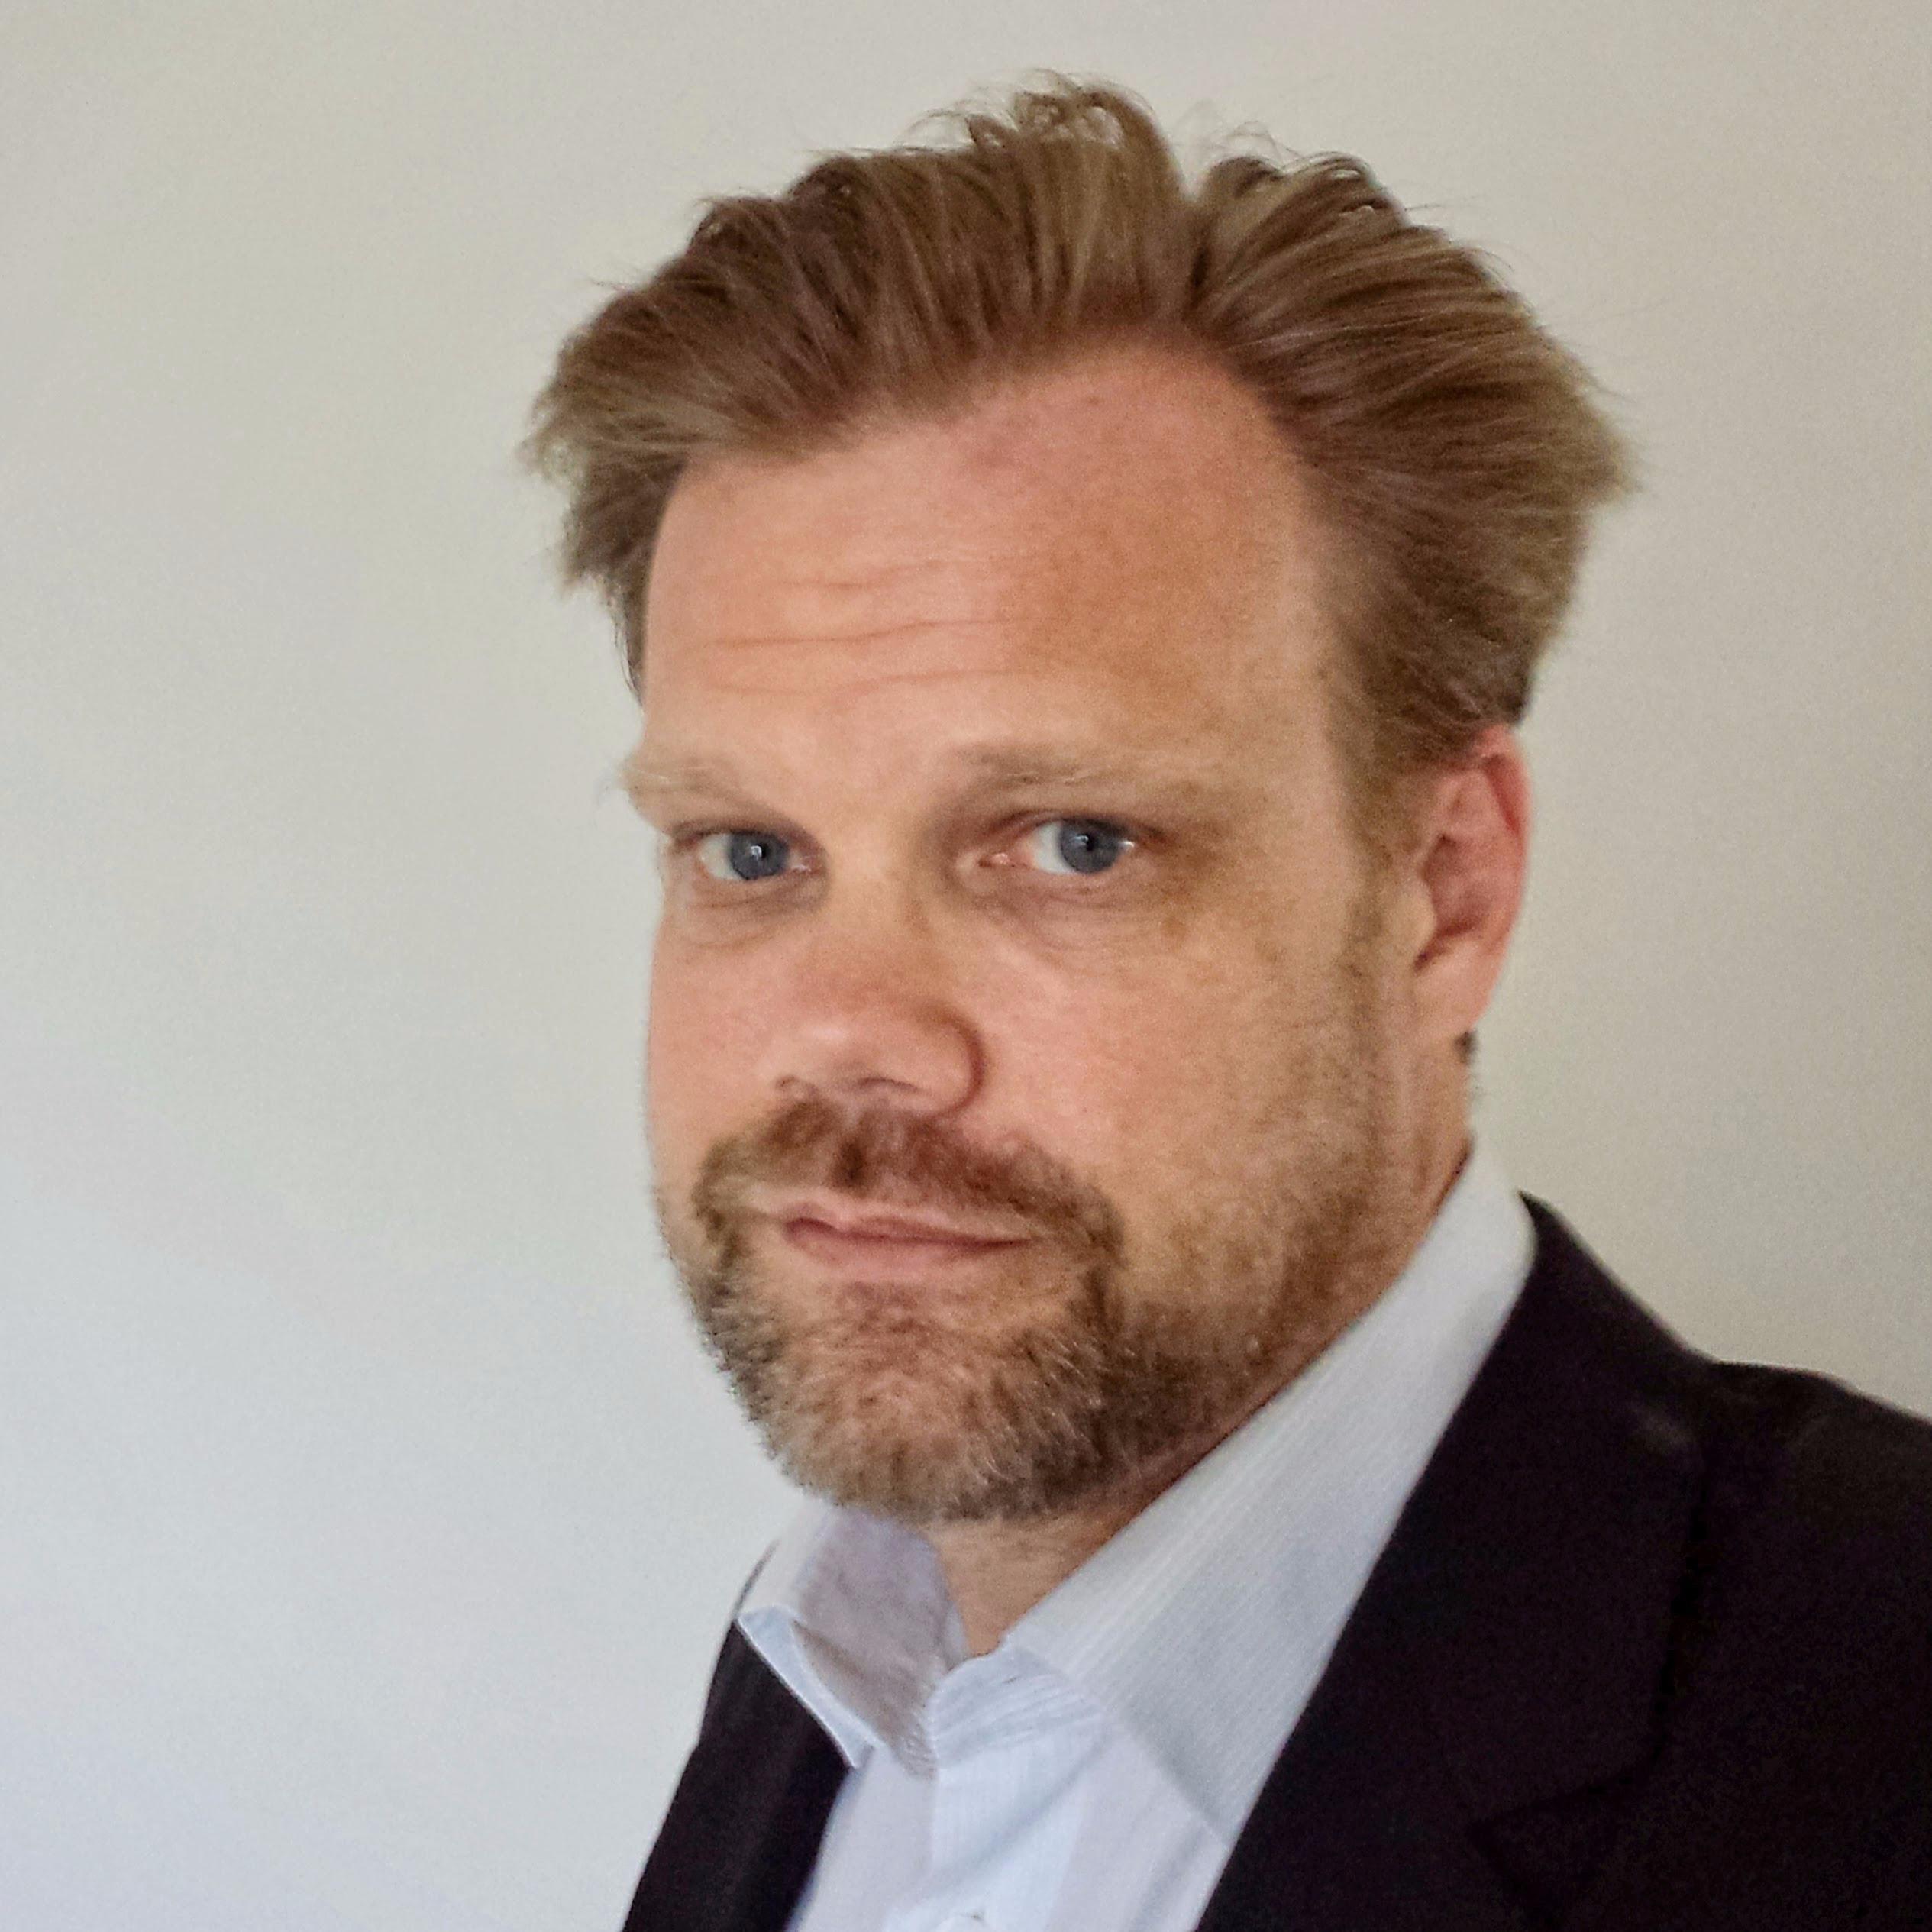 jacob van den Berg